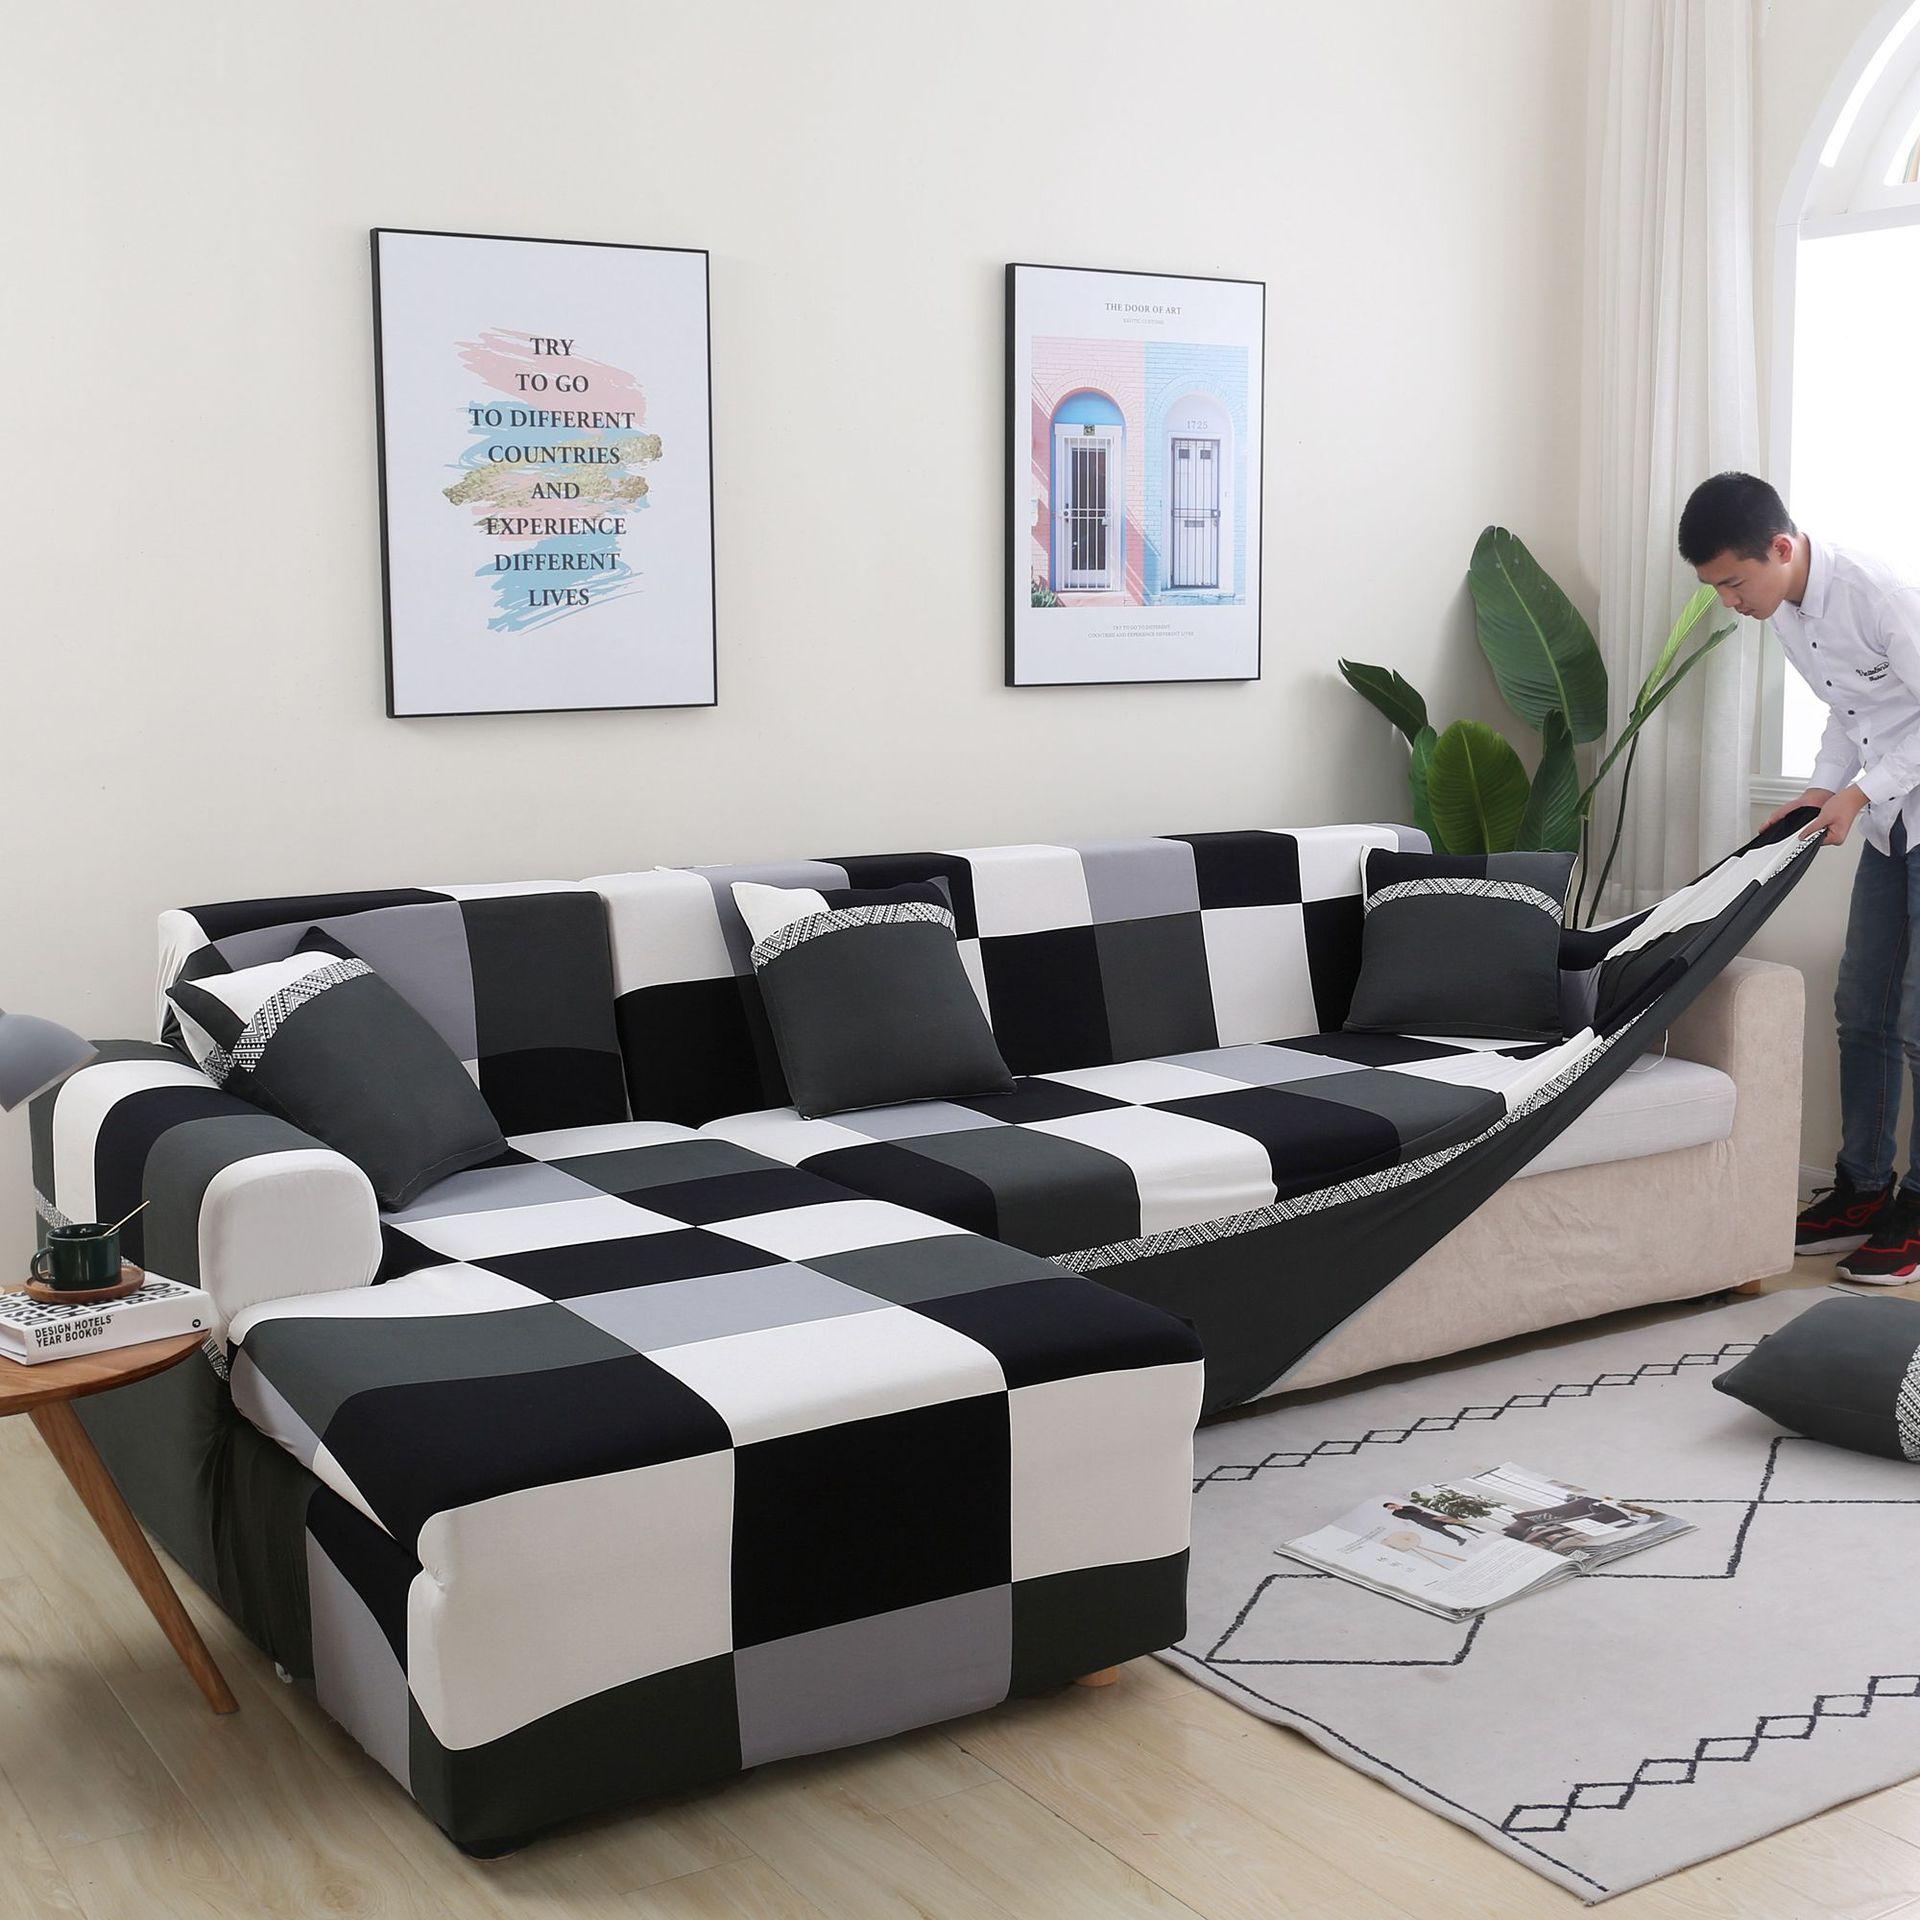 Geometryczna elastyczna narzuta na sofę do salonu nowoczesna segmentowa Sofa narożna narzuta narzuta na sofę ochraniacz na krzesło dekoracje świąteczne Nakrycie na sofę    -